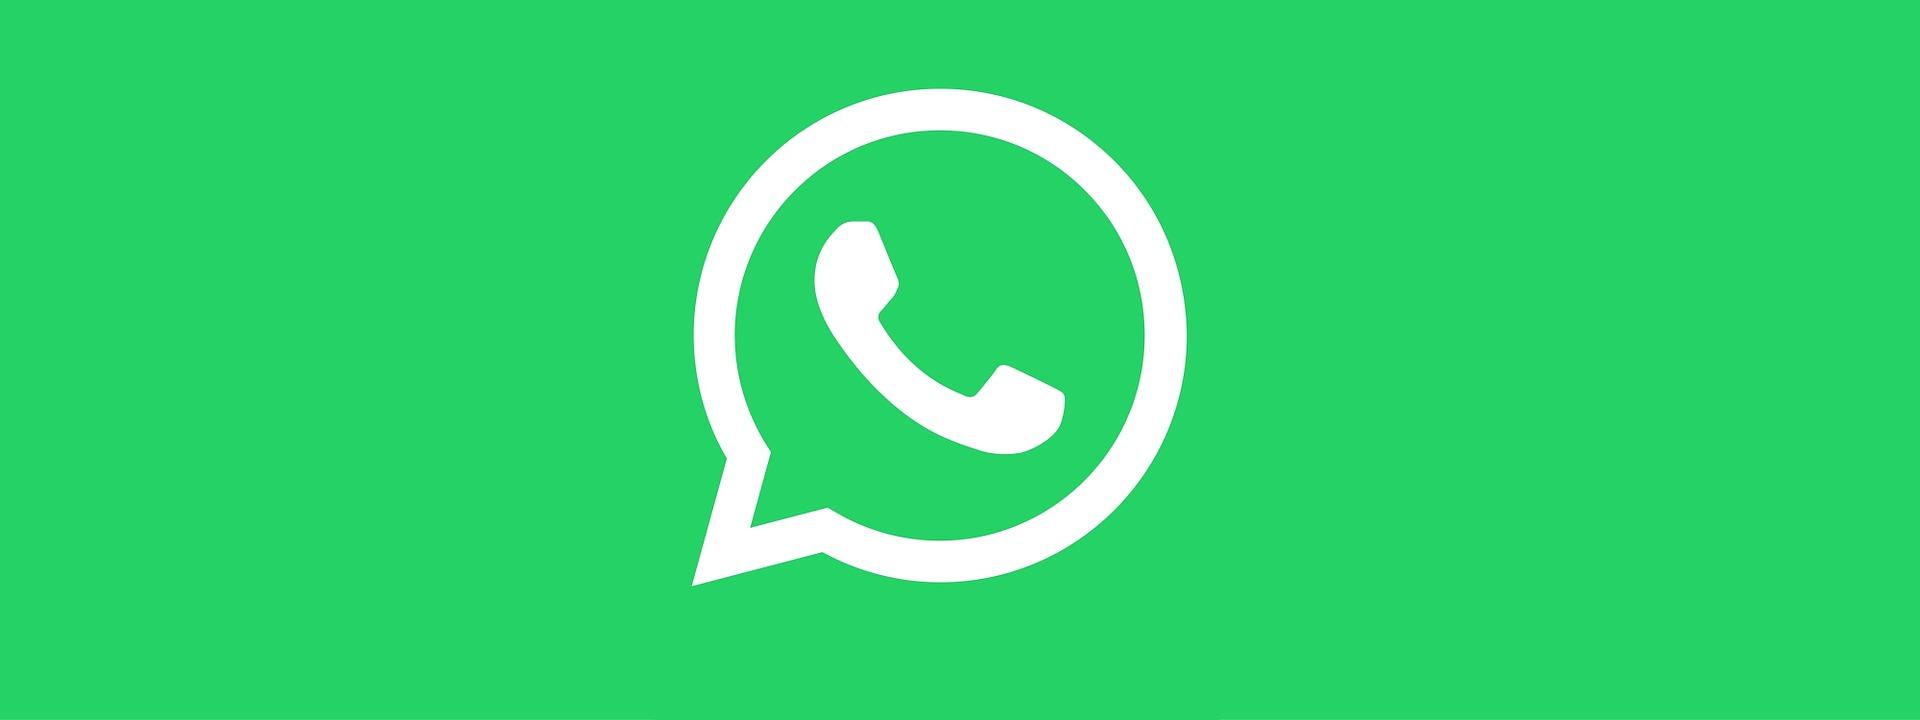 Whatsapp Kontakt Entblocken Und Blockierte Kontakte Anzeigen